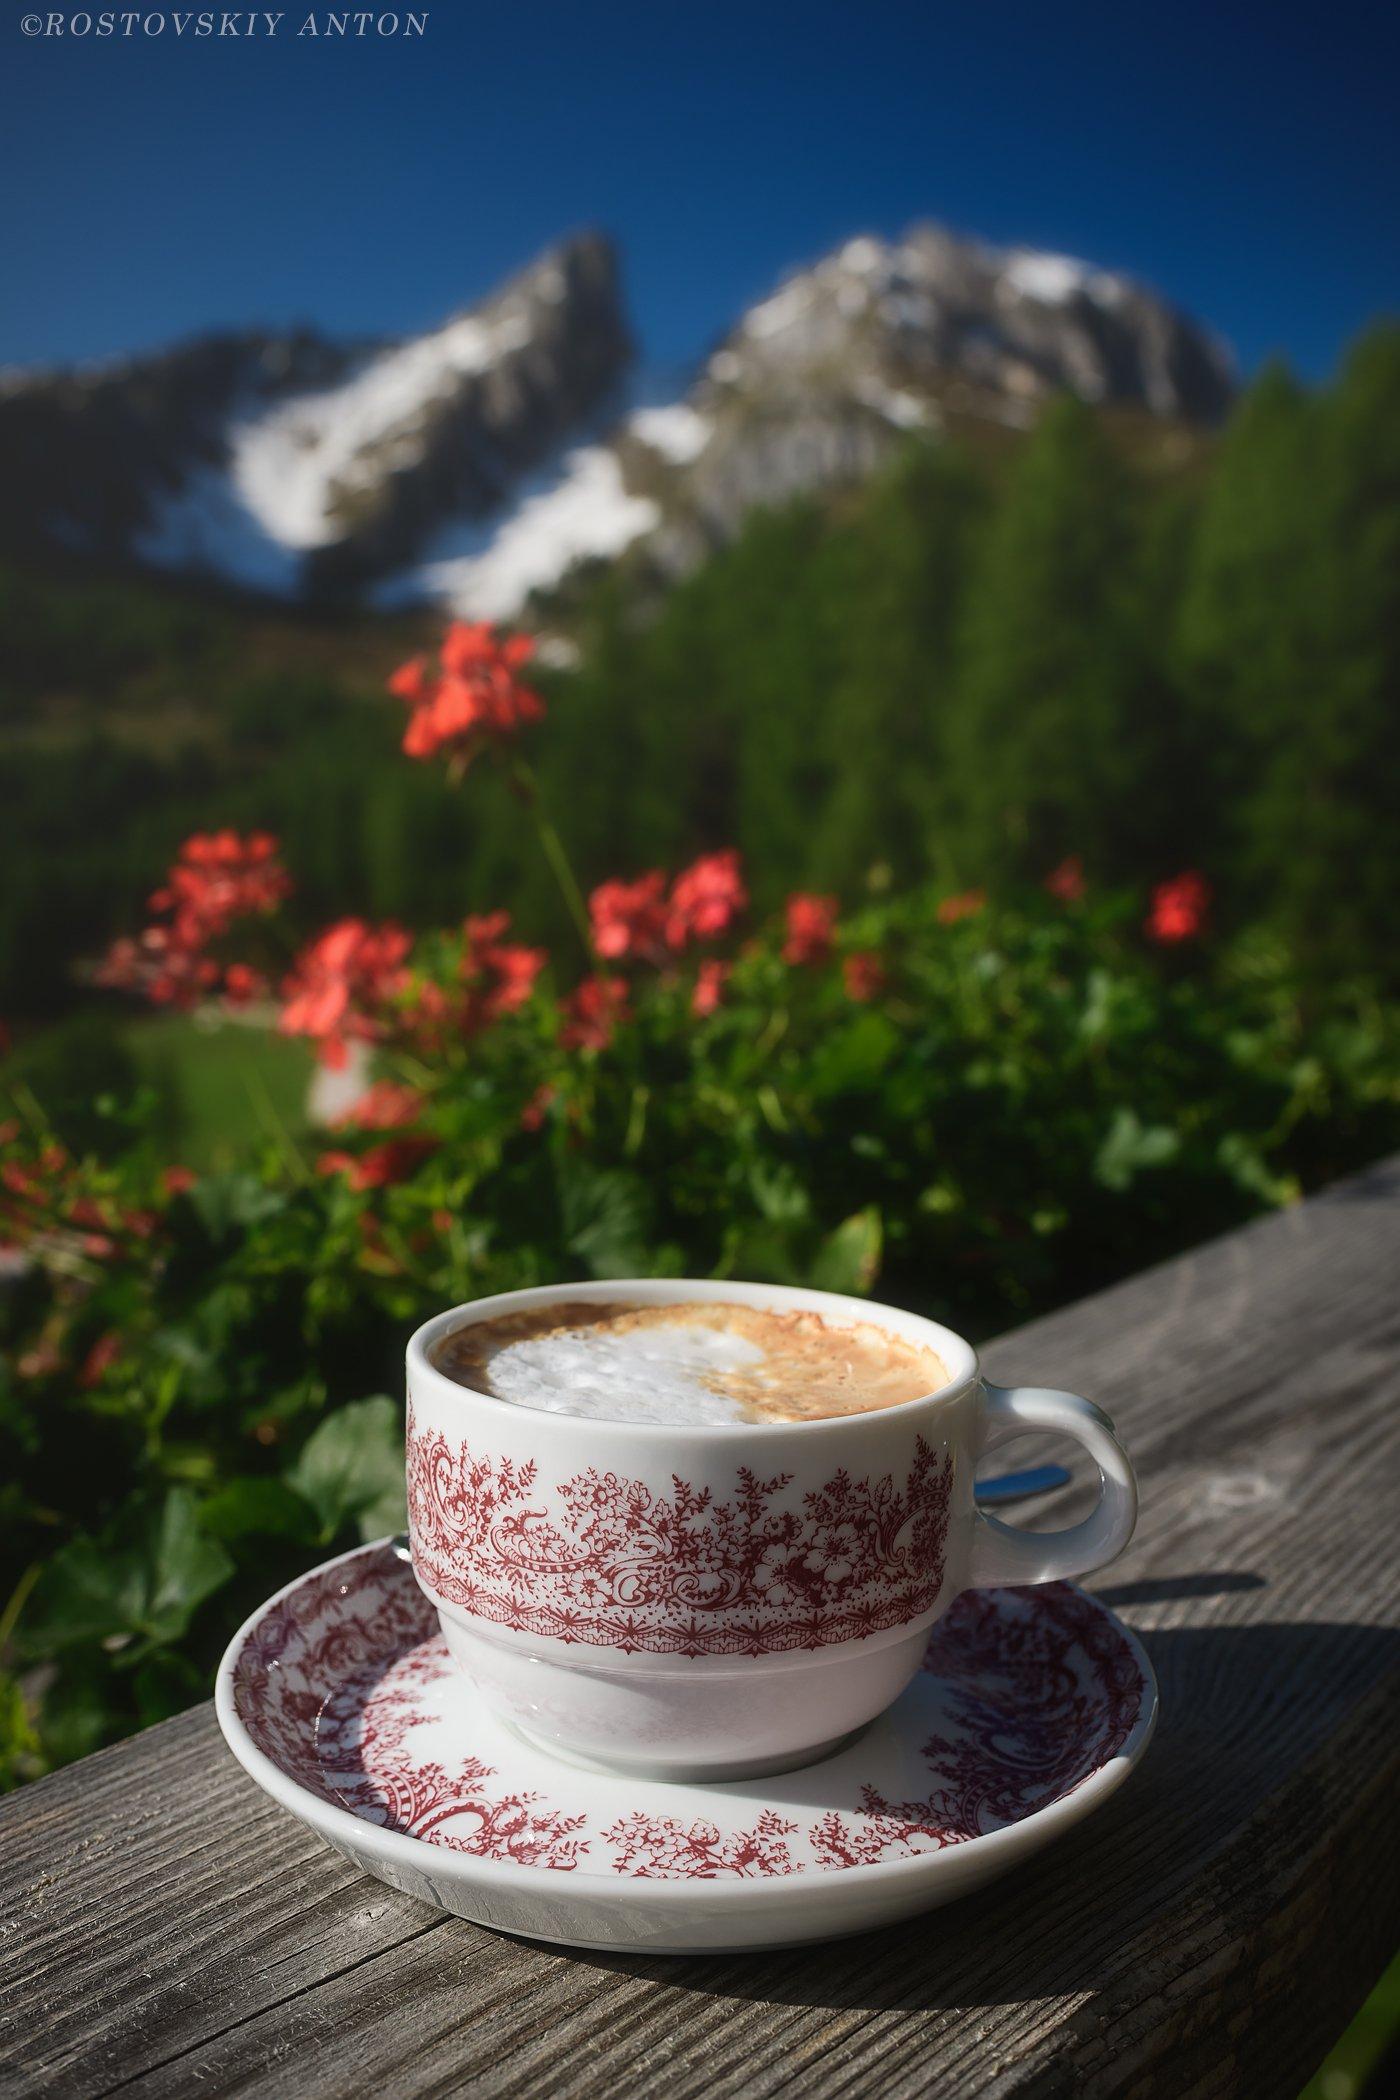 горы, настроение, кофе, фототур, утро, весна, доломиты, италия,, Ростовский Антон